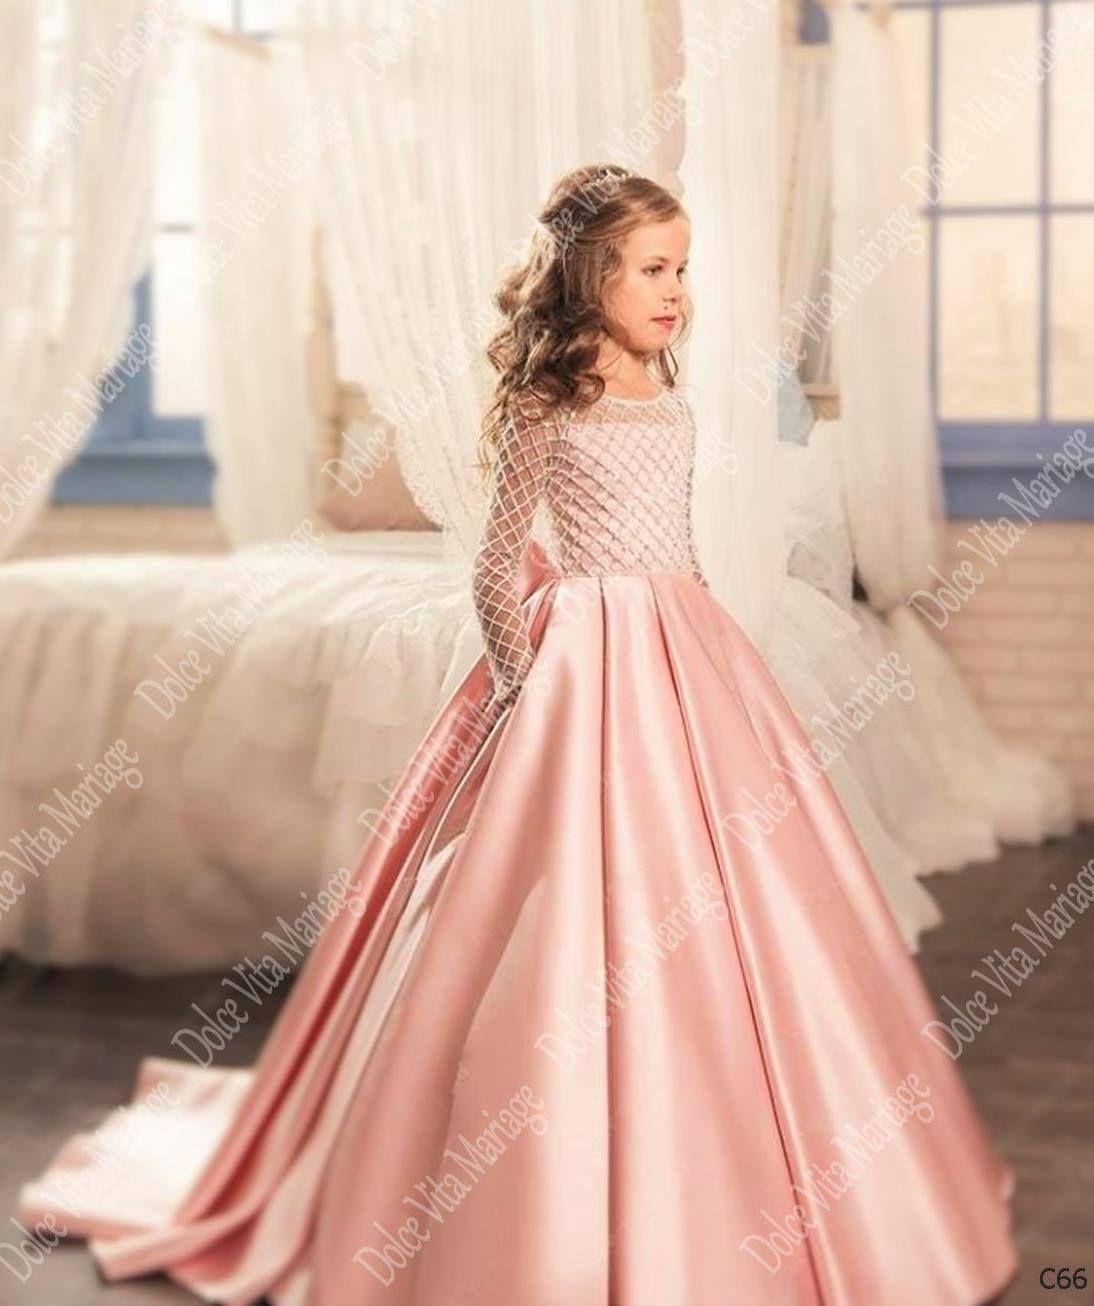 Référence C66  Jolie robe de cérémonie, pour beaucoup de beaux souvenirs.